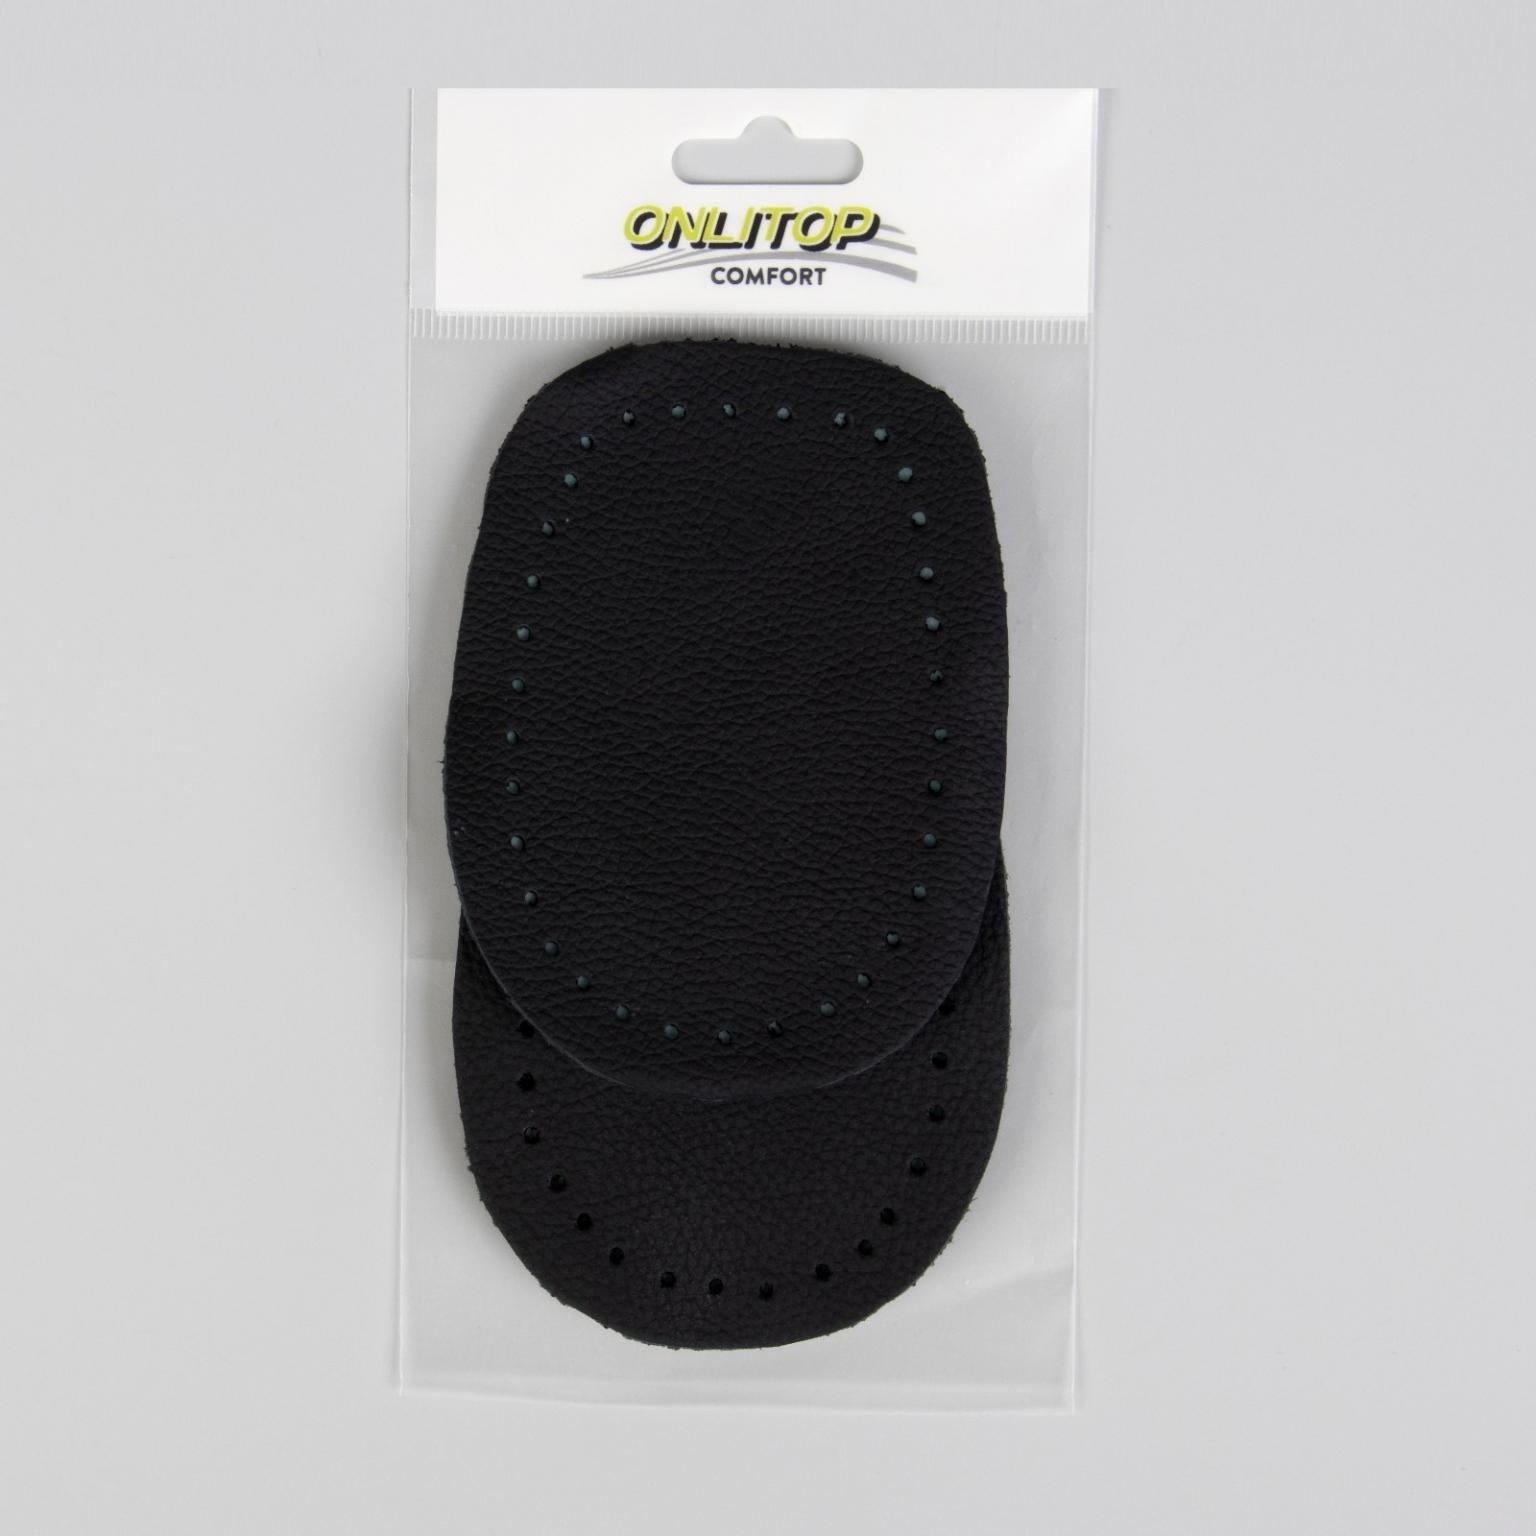 Подпяточники для обуви, 10  7 см, пара, цвет чёрный